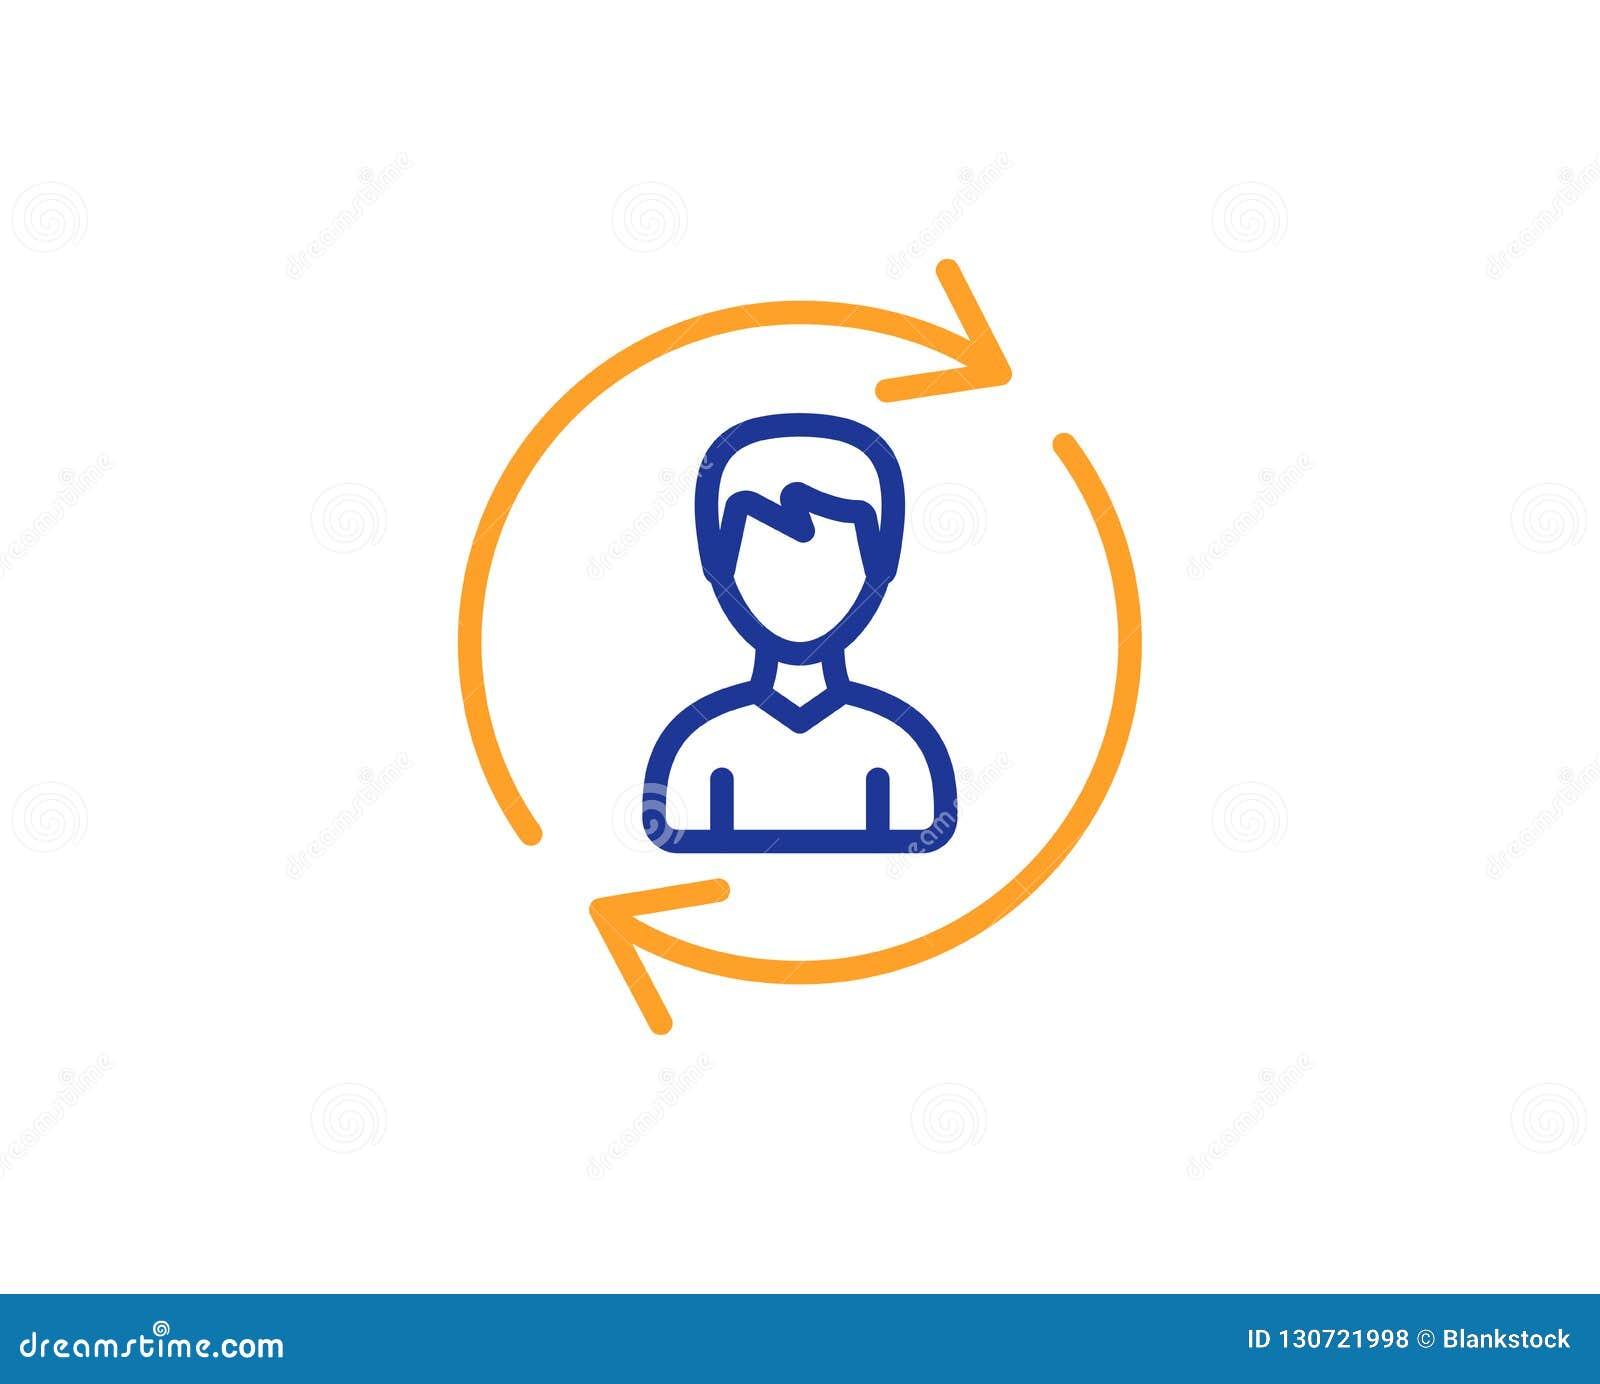 Het pictogram van de personeelslijn Het teken van het gebruikersprofiel Vector